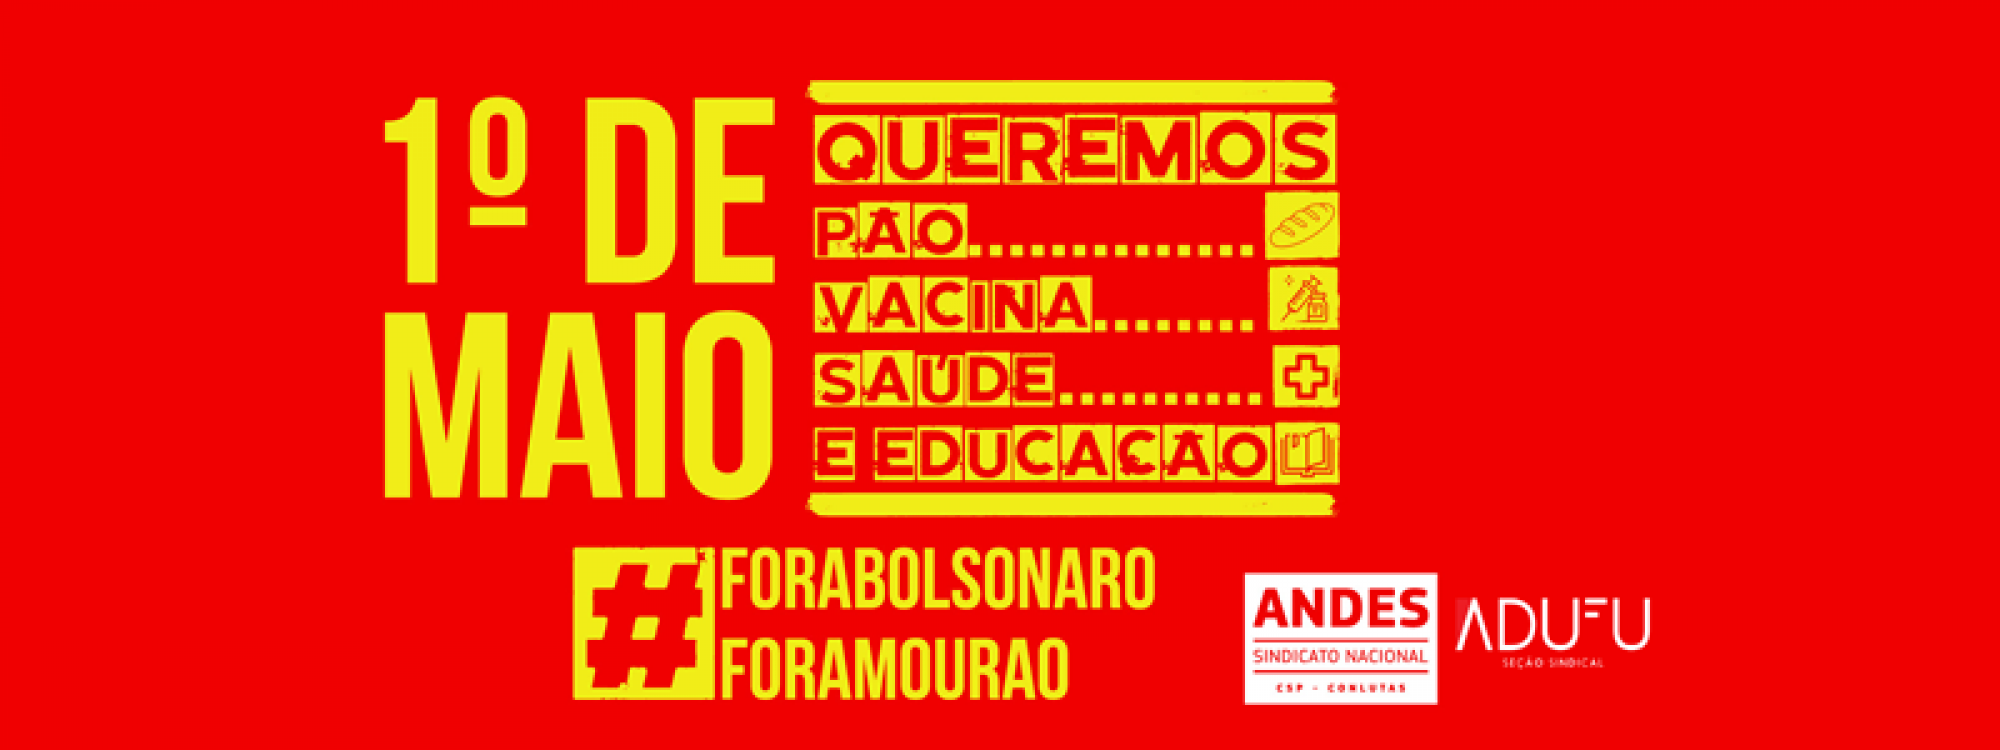 1º de Maio é Dia de Luta: assista às saudações da Diretoria Executiva da ADUFU